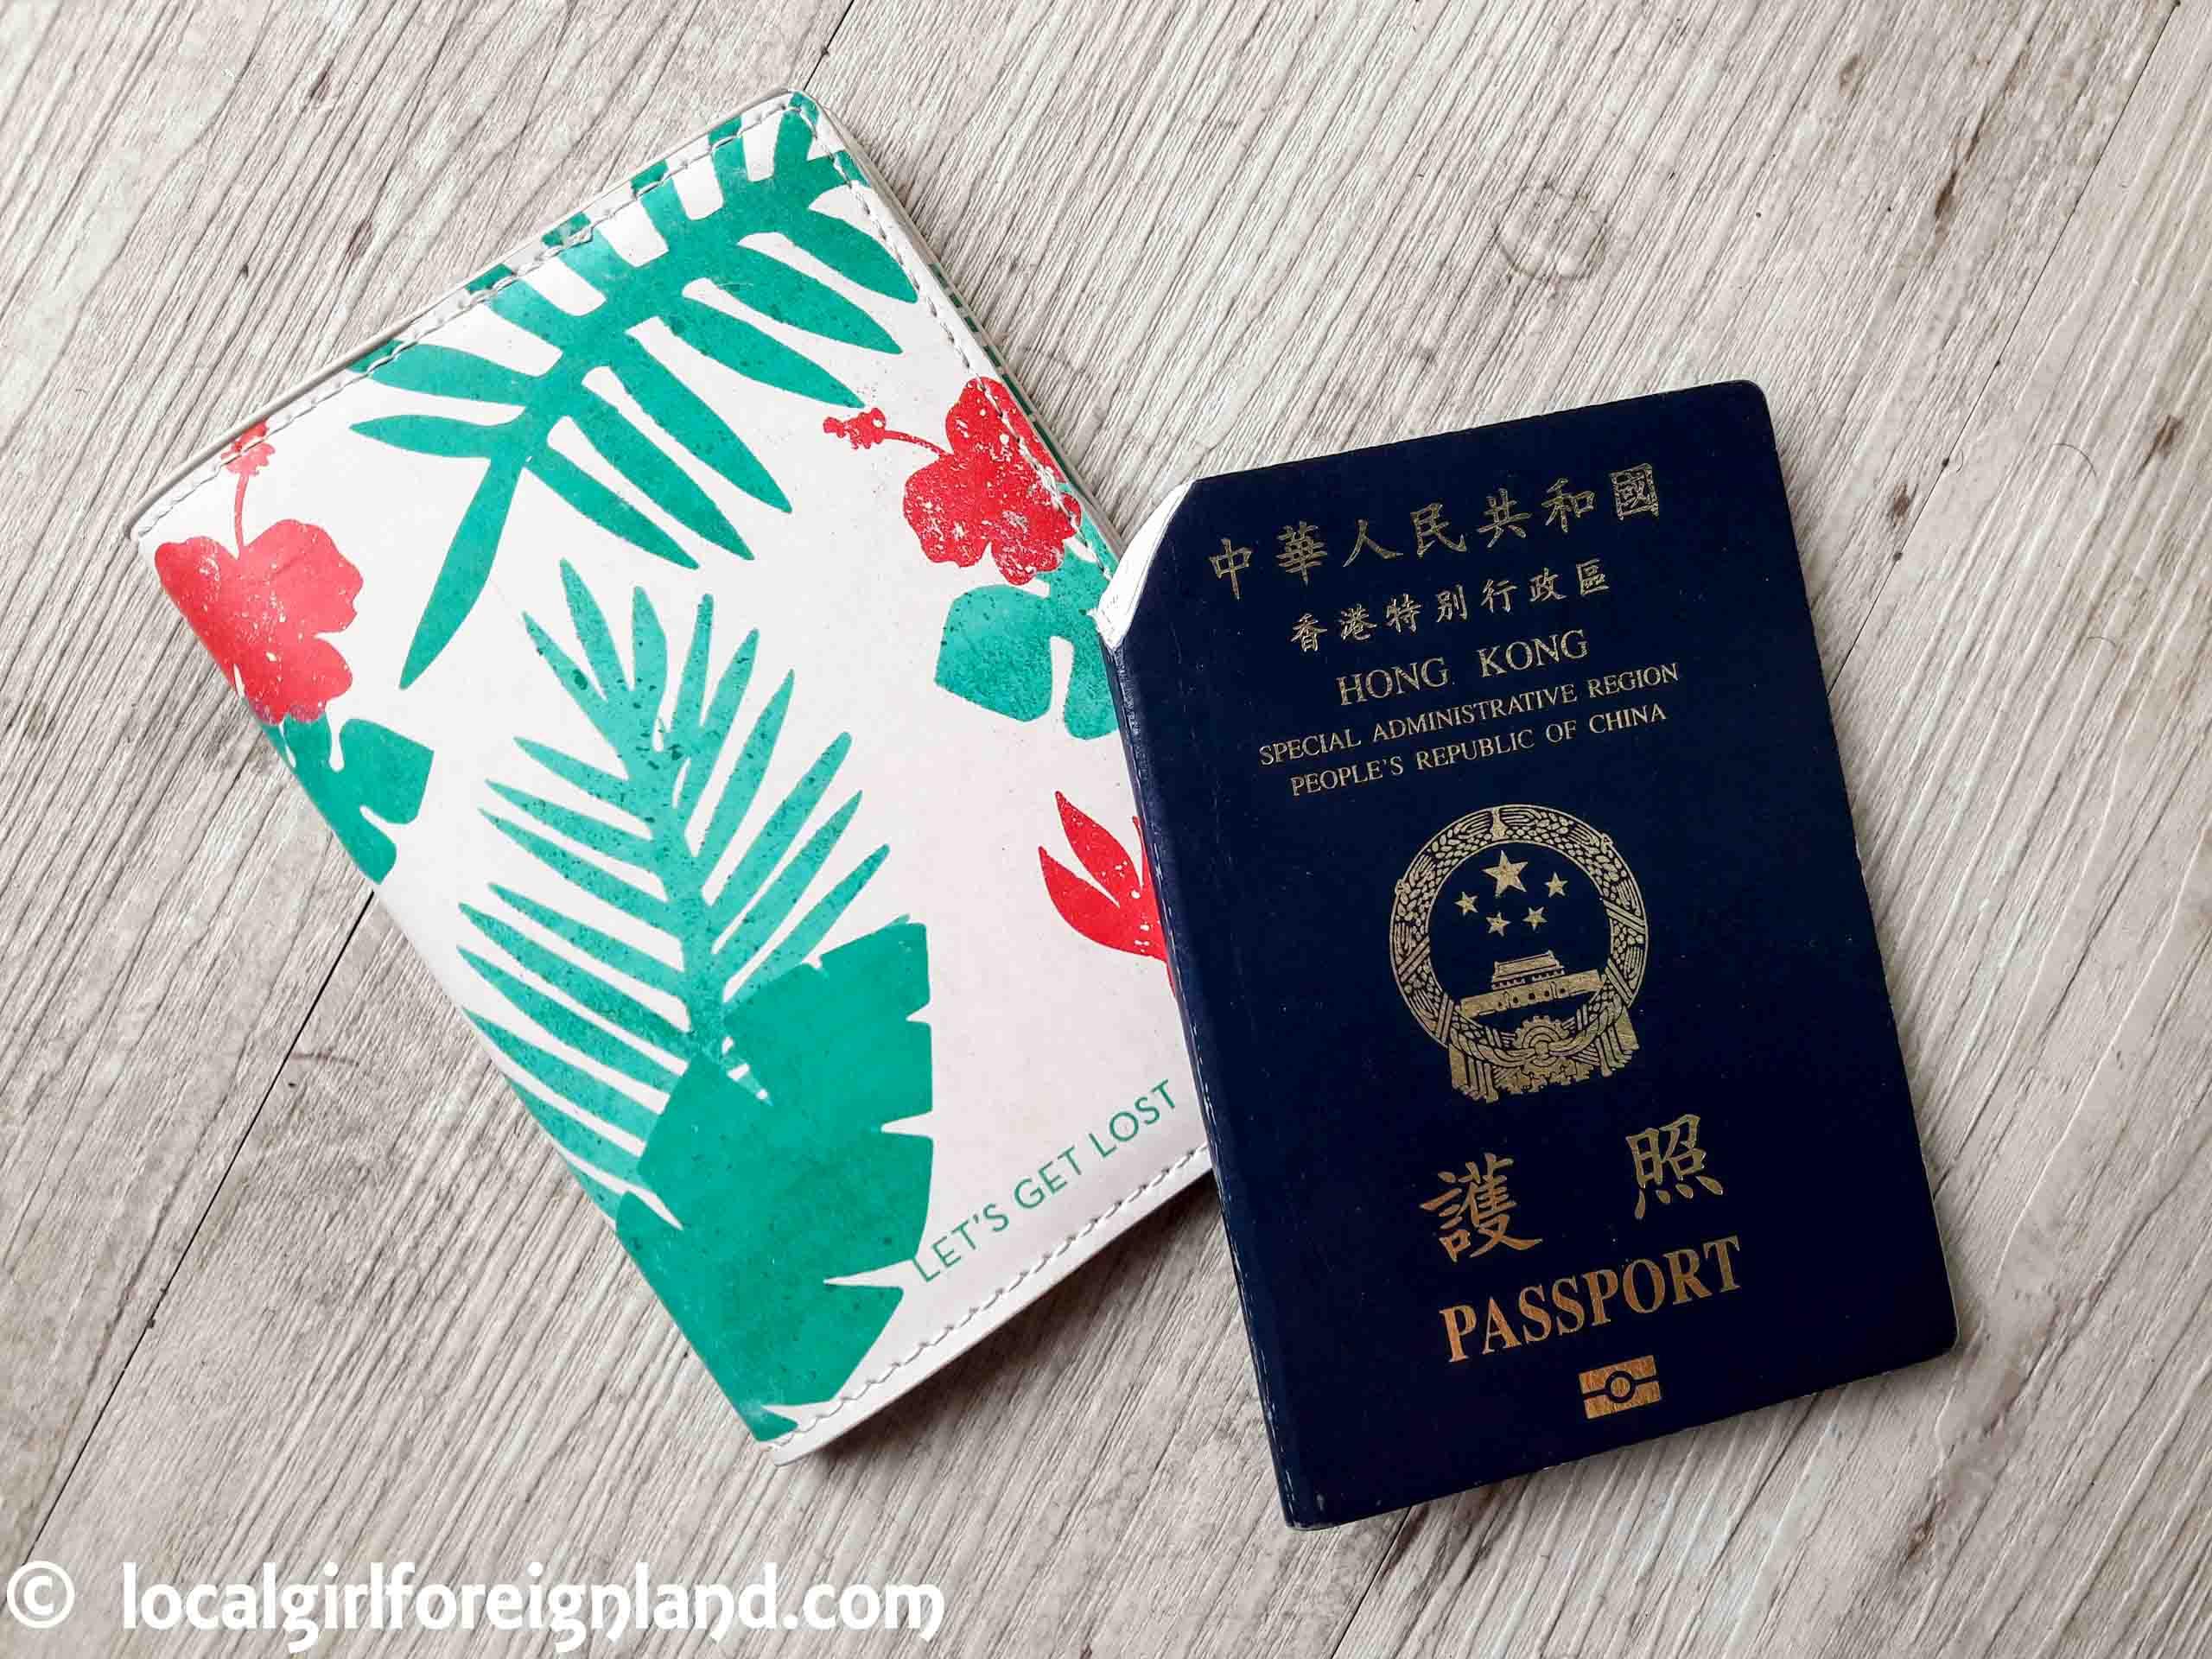 How to renew HK passport in Paris?